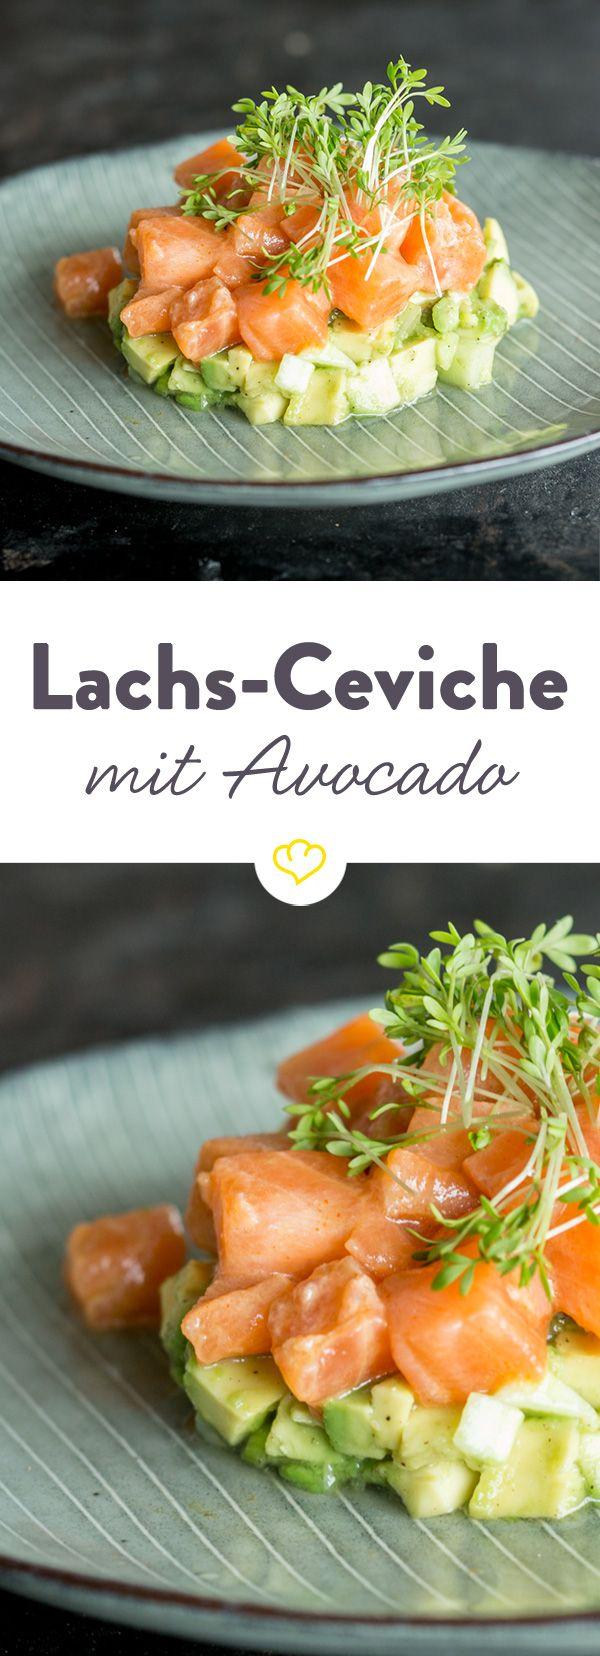 Das Besondere an der Ceviche: Der Lachs wird nur durch die Säure der Zitrone gegart. Zusammen mit der gehaltvollen Avocado- eine köstliche Kombination!